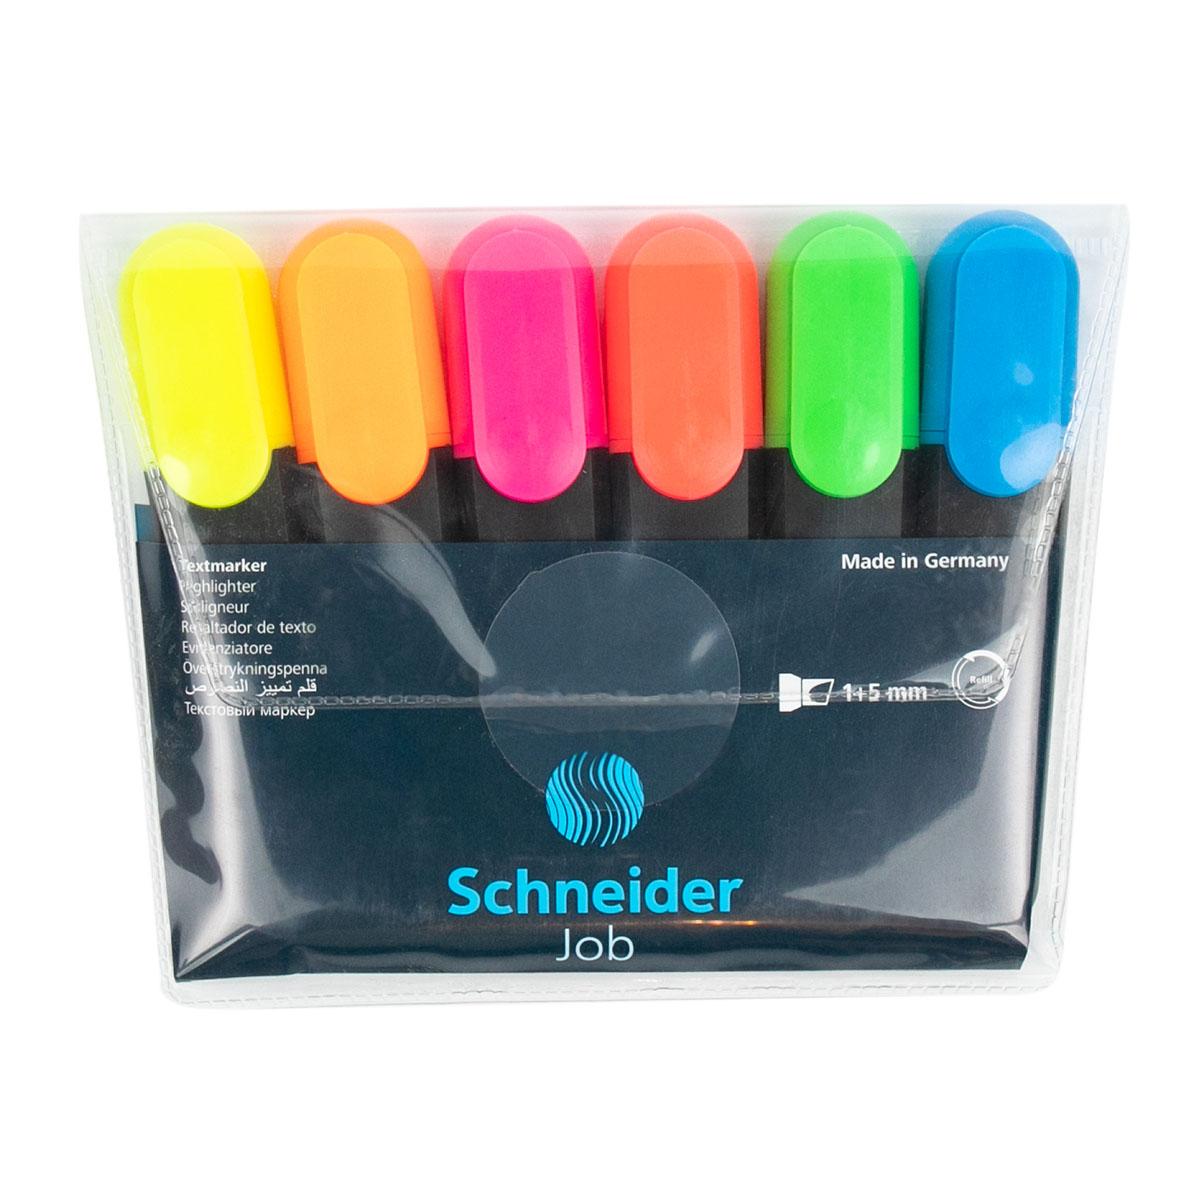 Schneider Job маркеры